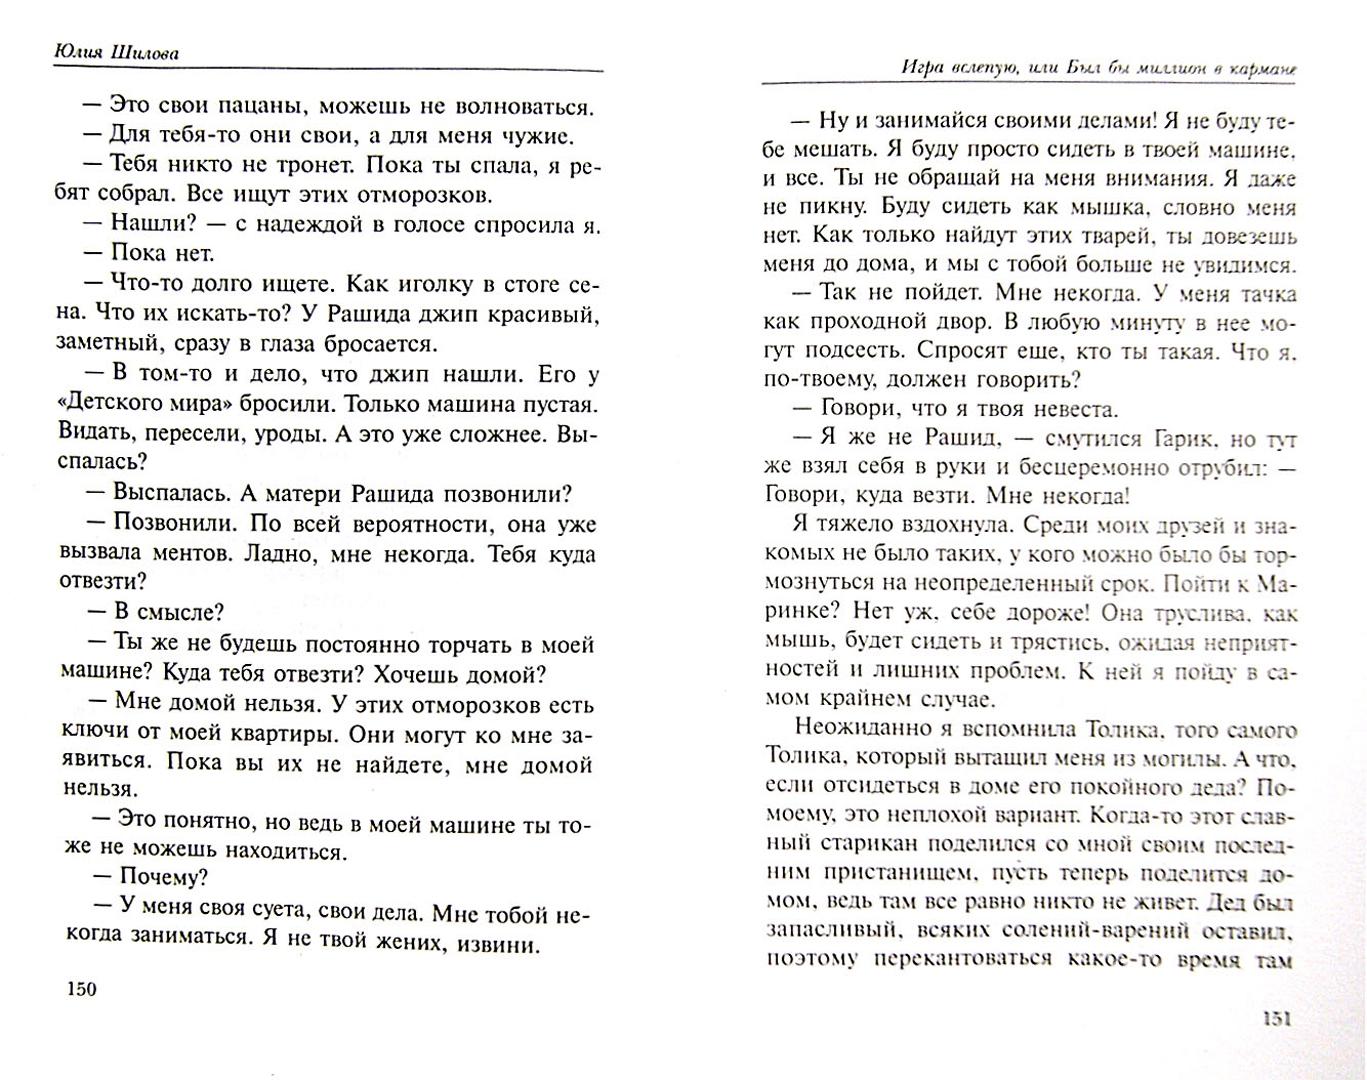 Иллюстрация 1 из 6 для Игра вслепую, или Был бы миллион в кармане - Юлия Шилова | Лабиринт - книги. Источник: Лабиринт